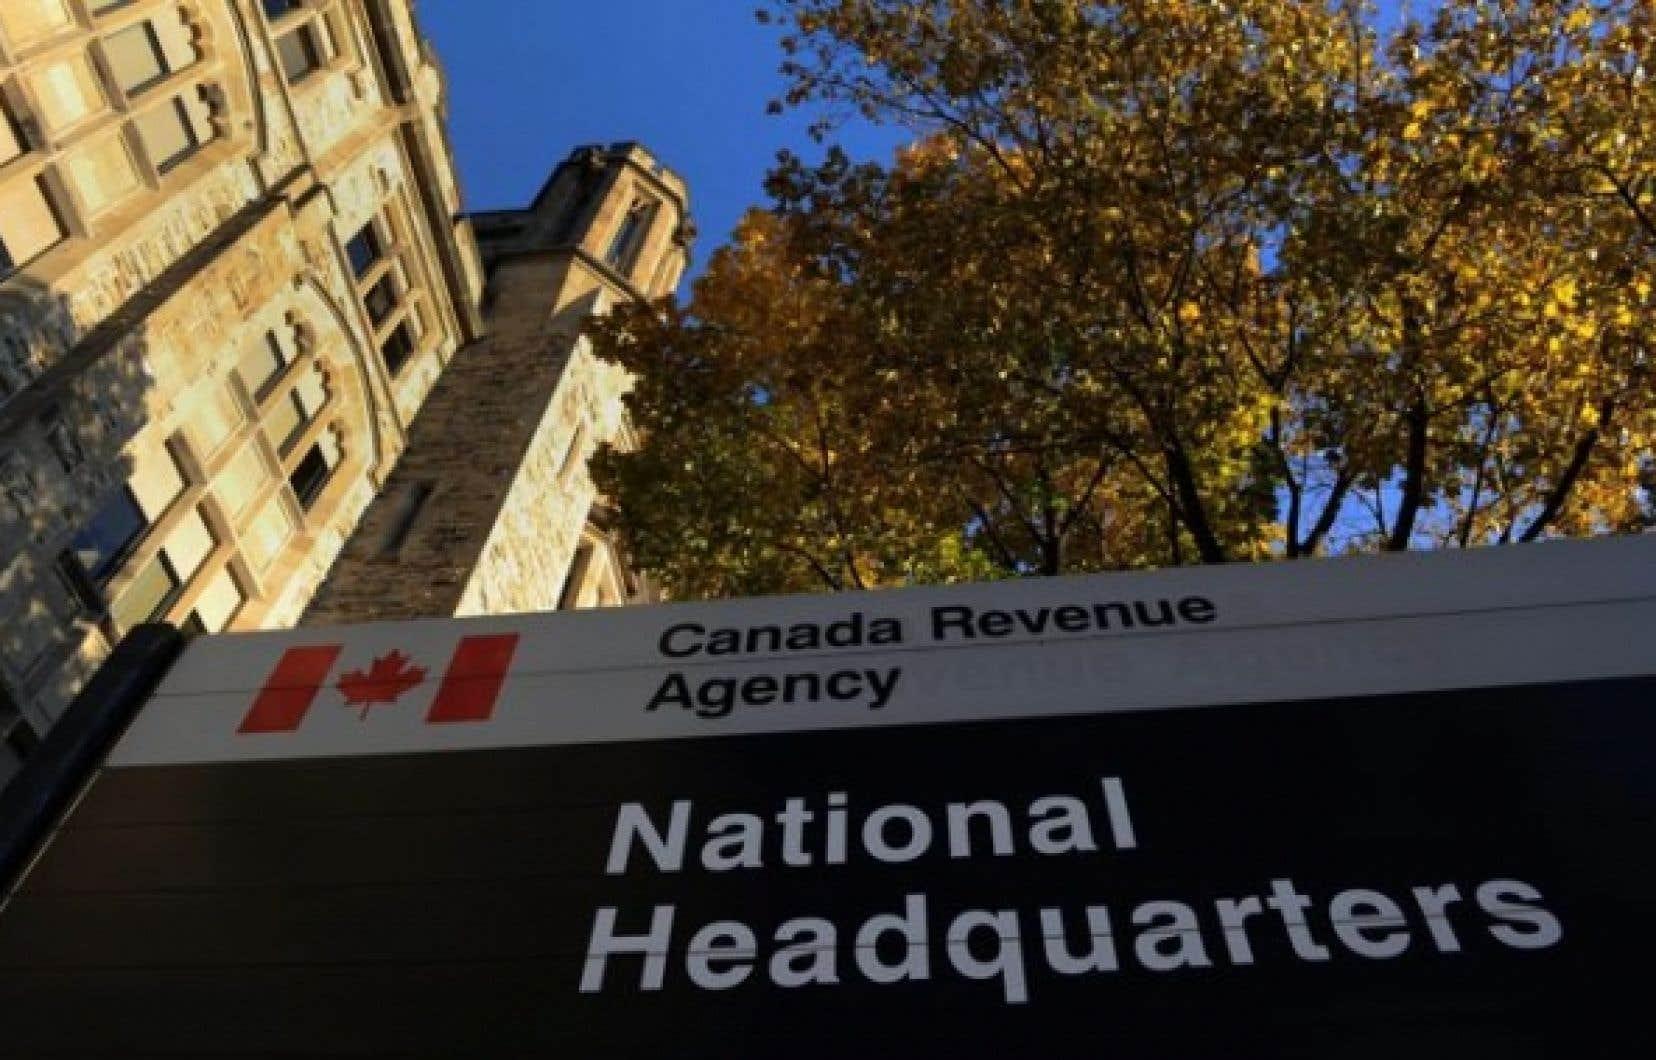 Le Québec a été exclu du projet de simple vérification de crédit, puisque la taxe de vente y est recueillie par Revenu Québec au nom du gouvernement fédéral.